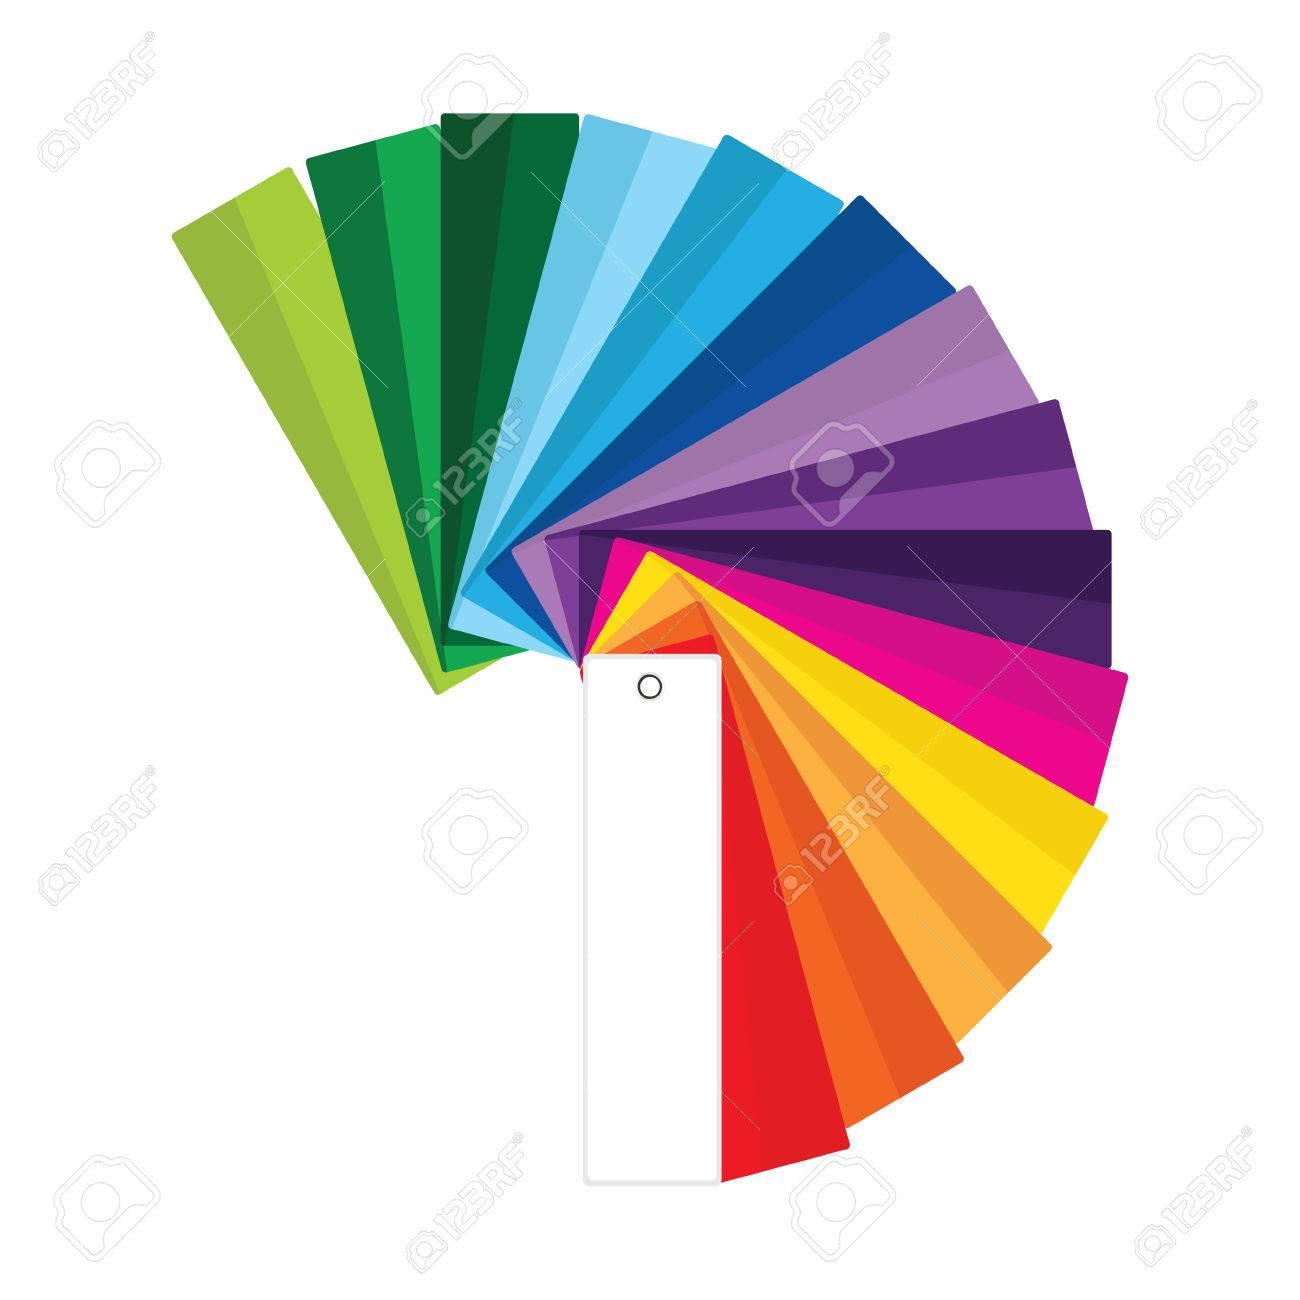 Ilustración De La Trama De La Guía De Color. Muestras De Color ...